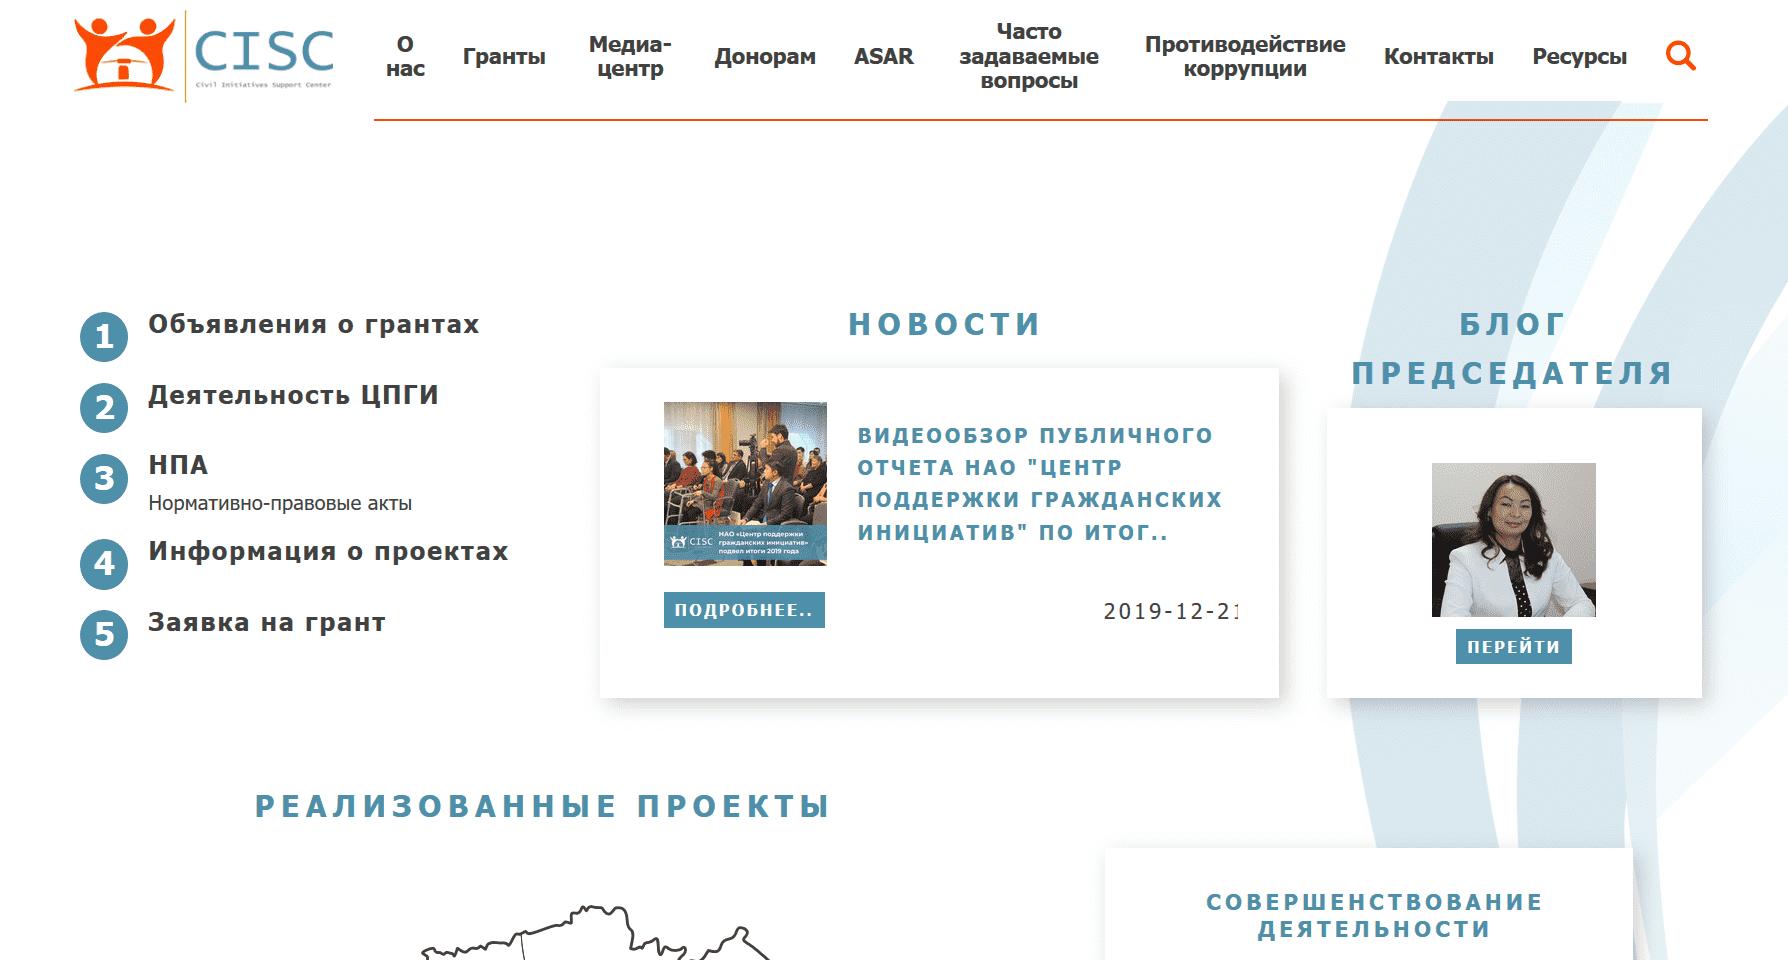 Разработка портала cisc.kz